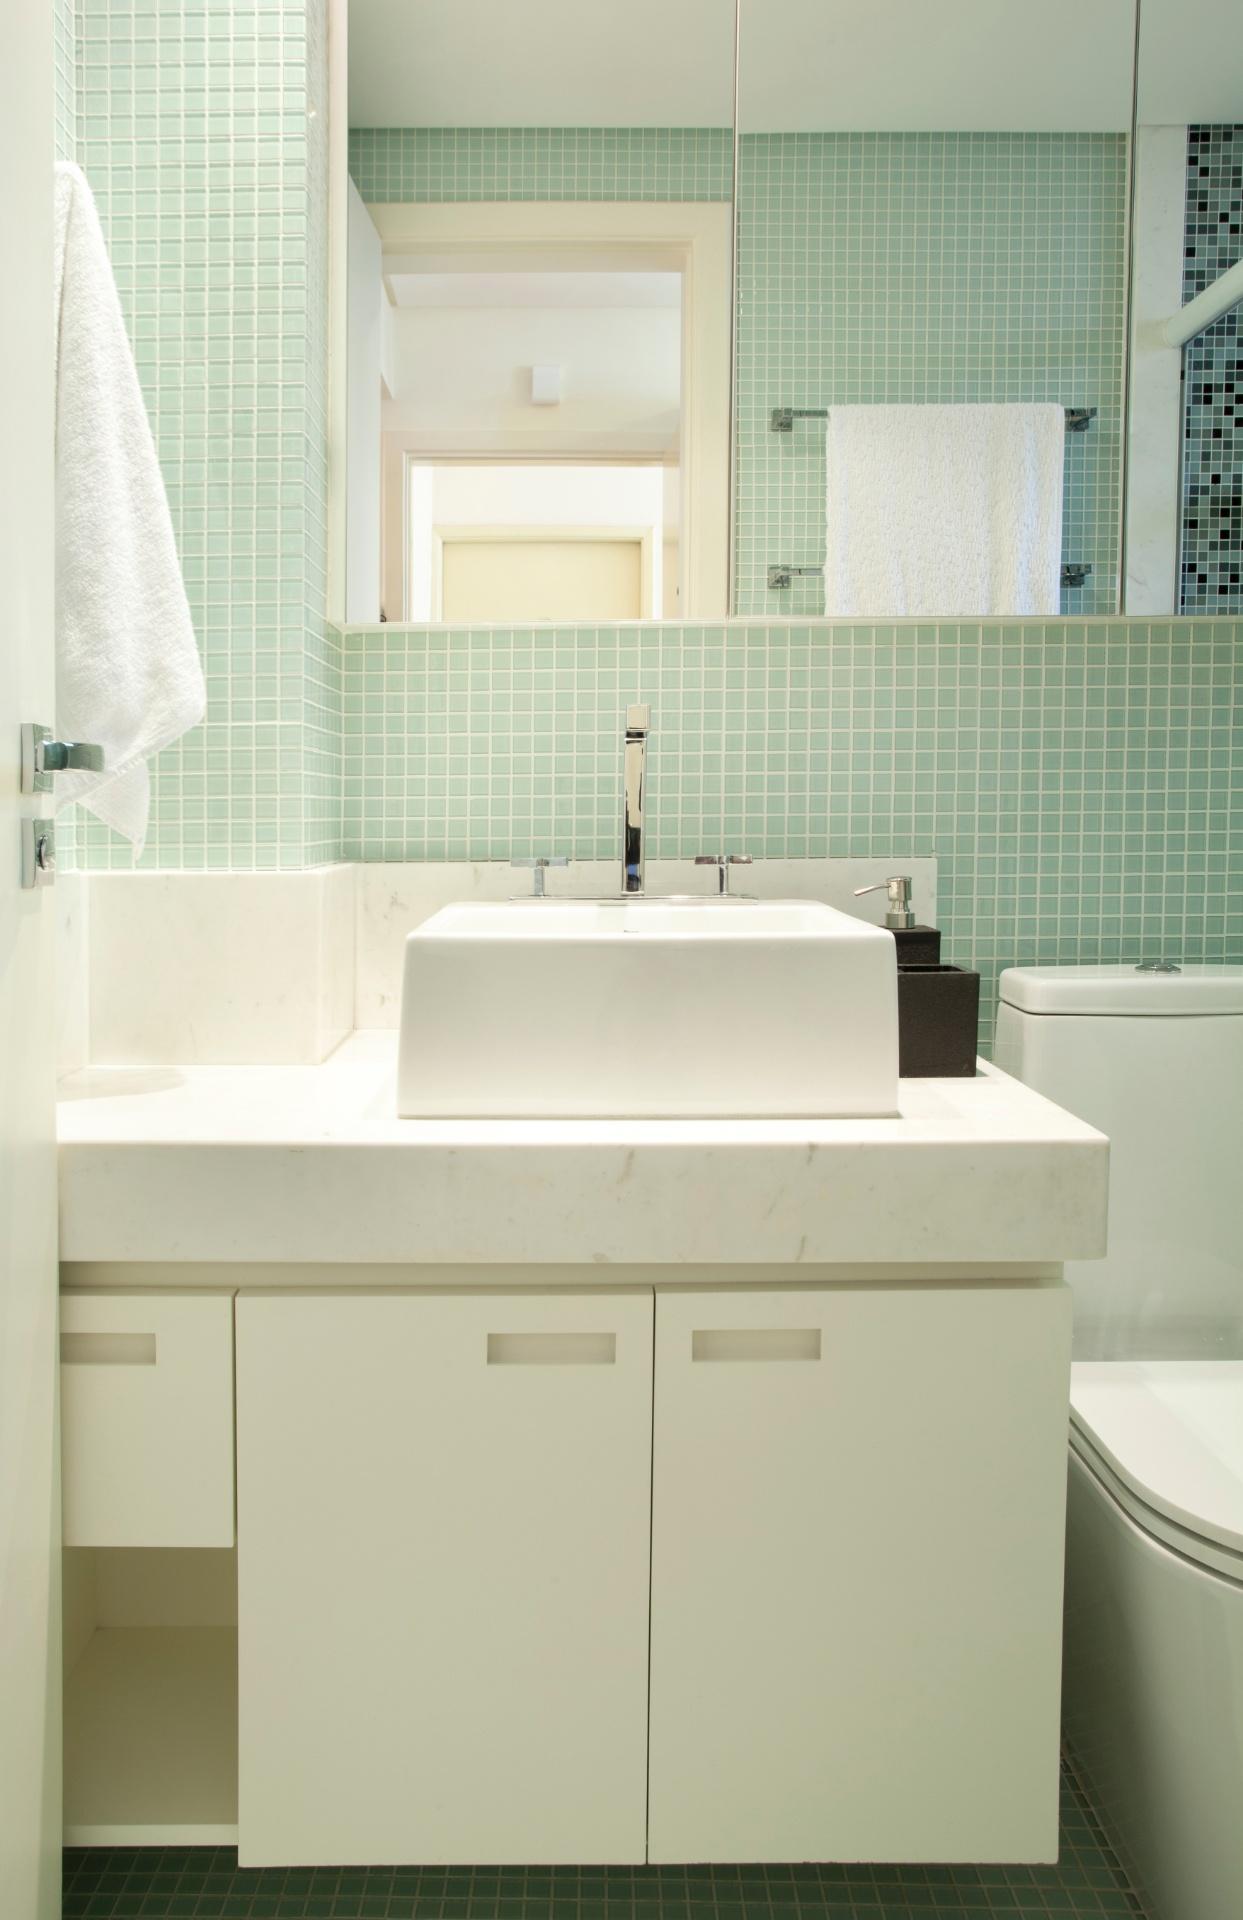 O banheiro foi diminuído em sua área total para que fosse possível instalar uma máquina de lavar roupas na lavanderia (ao lado). O ambiente tem revestimento em pastilhas de vidro claras (Colormix), o que - combinado com circuitos separados de luz - oferece iluminação funcional e aconchegante, e amplia o espaço visualmente.